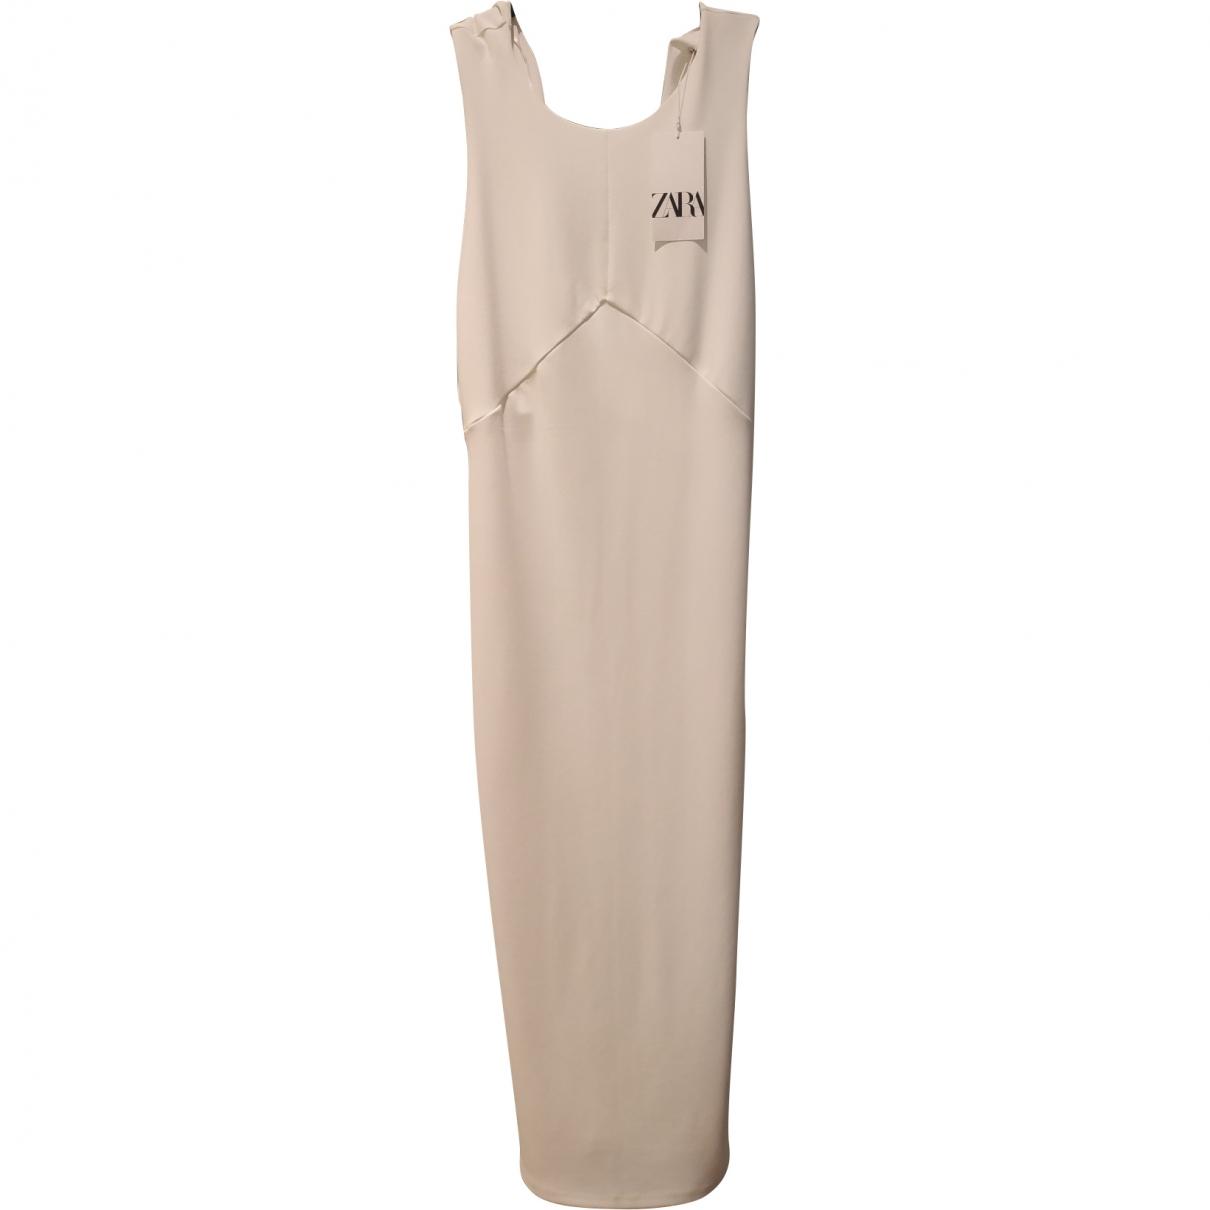 Zara \N White dress for Women S International